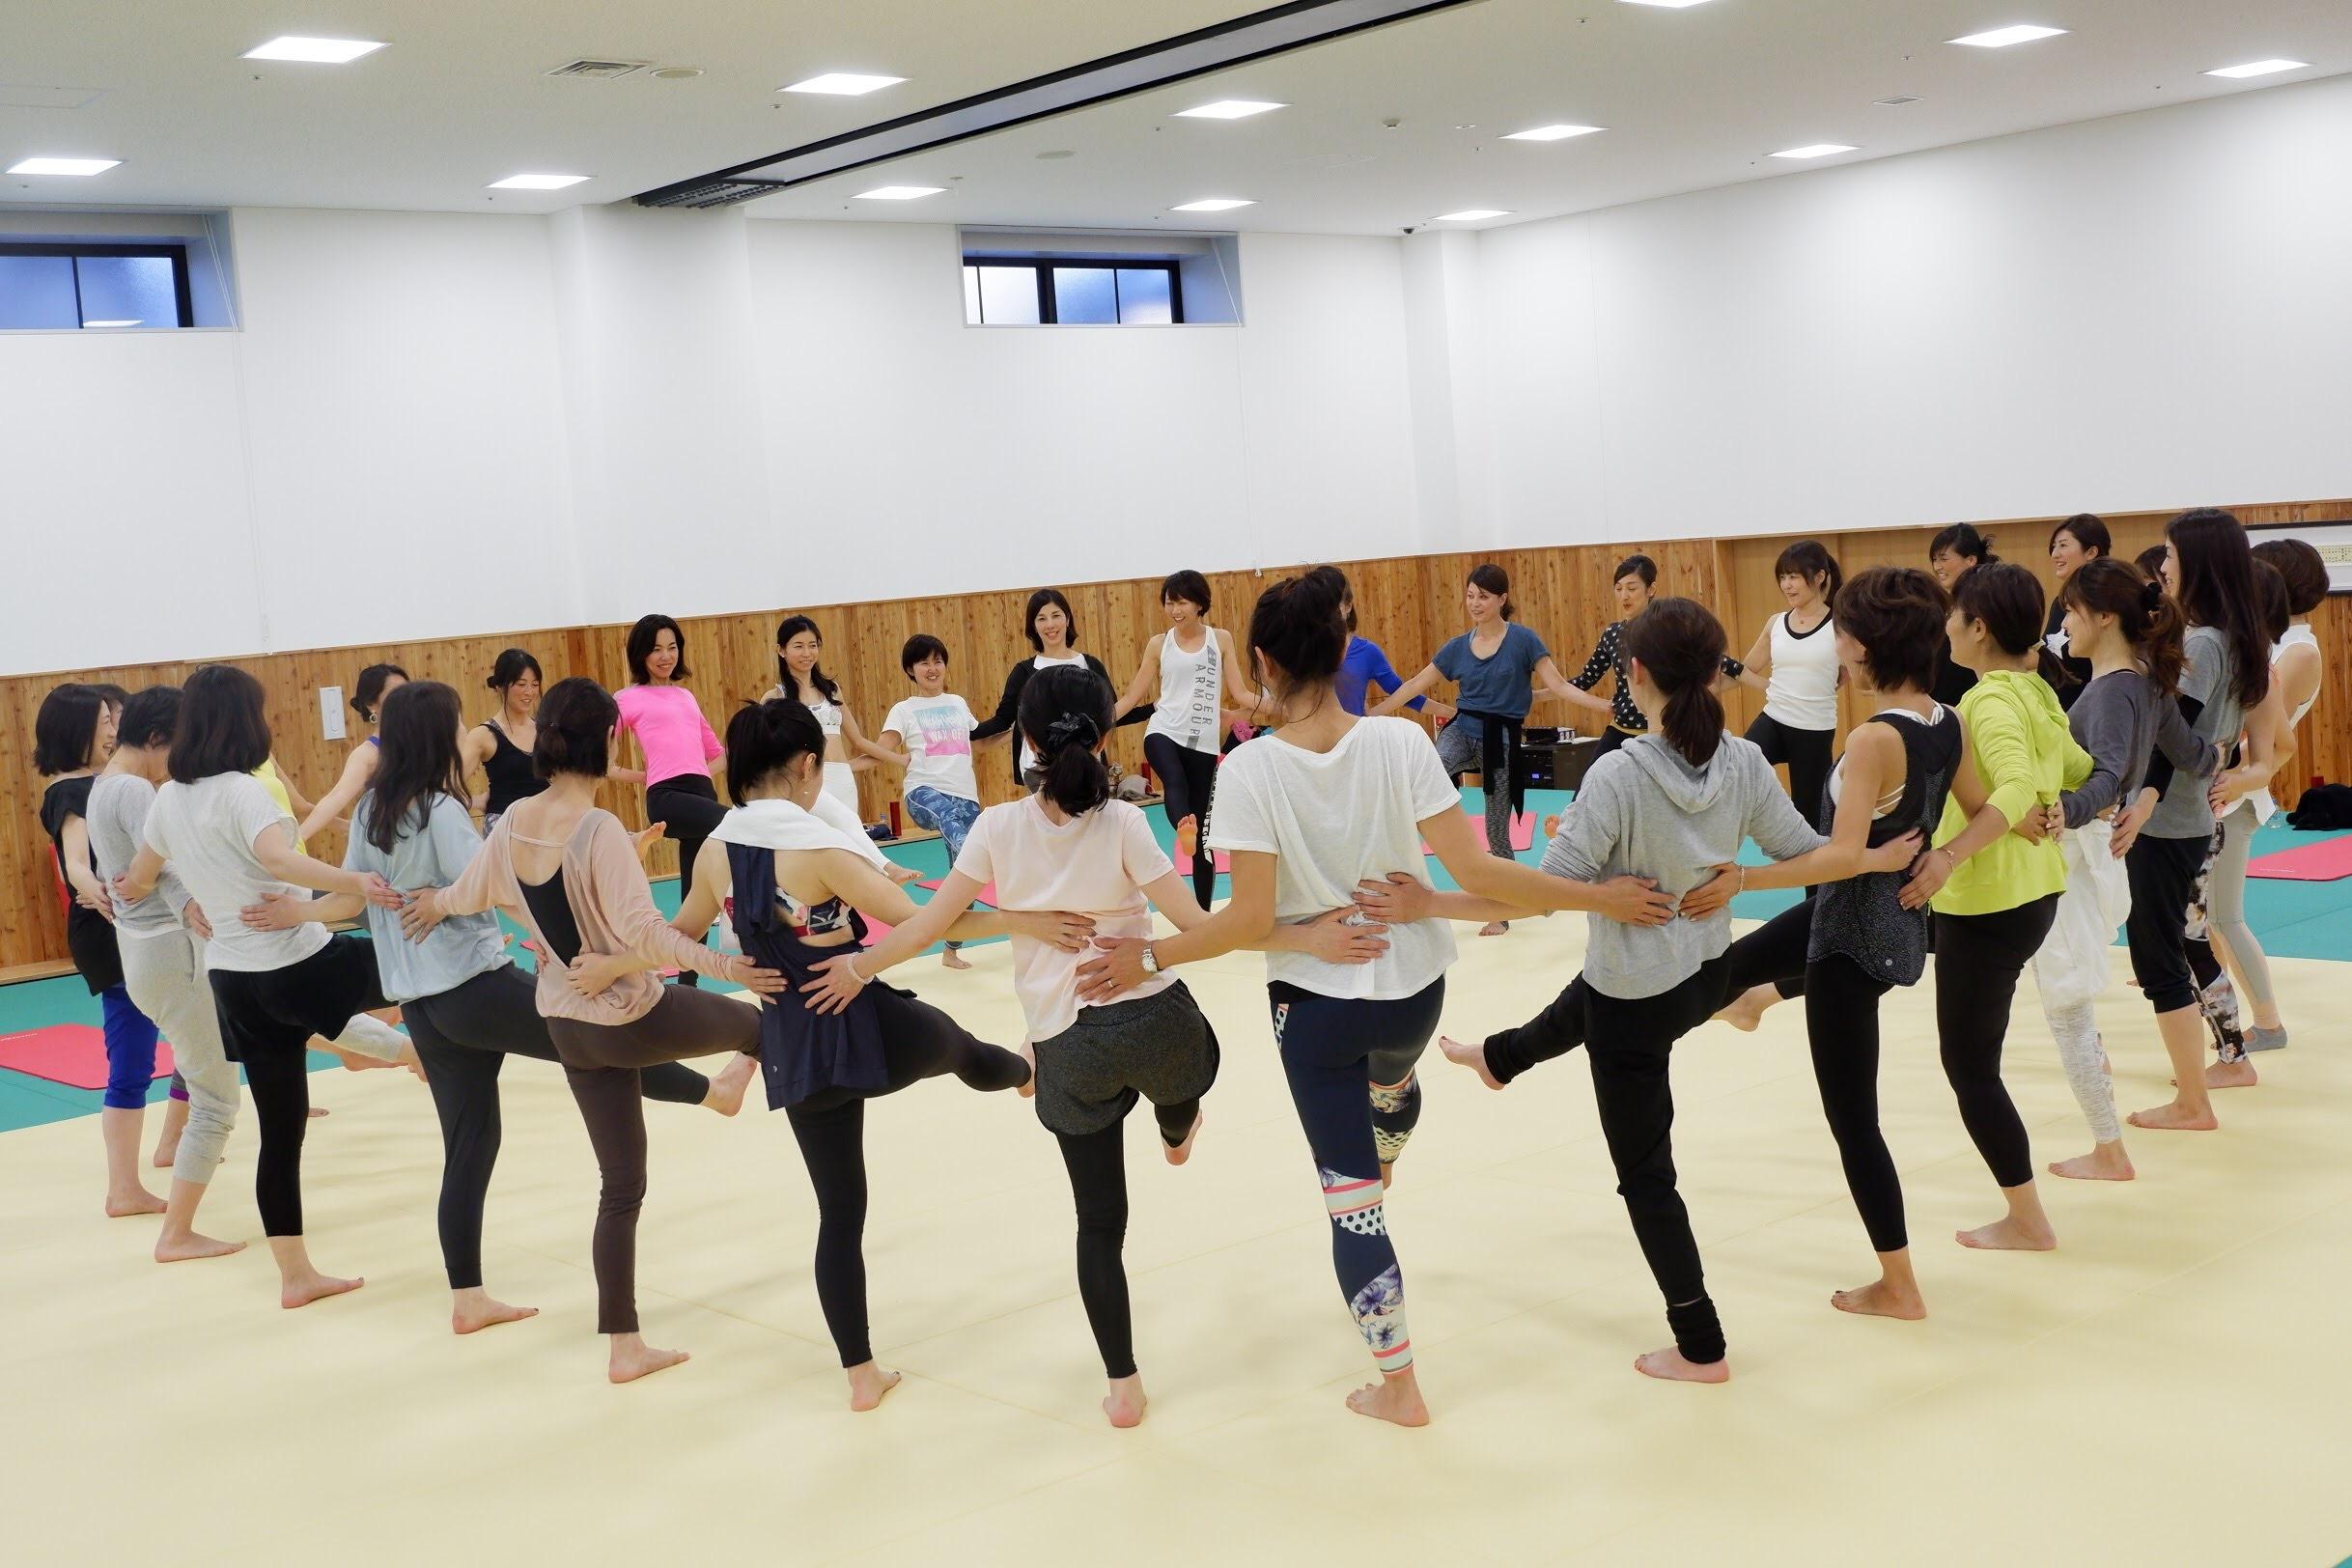 大人女子の美容合宿 in 軽井沢 Part 1_1_8-1